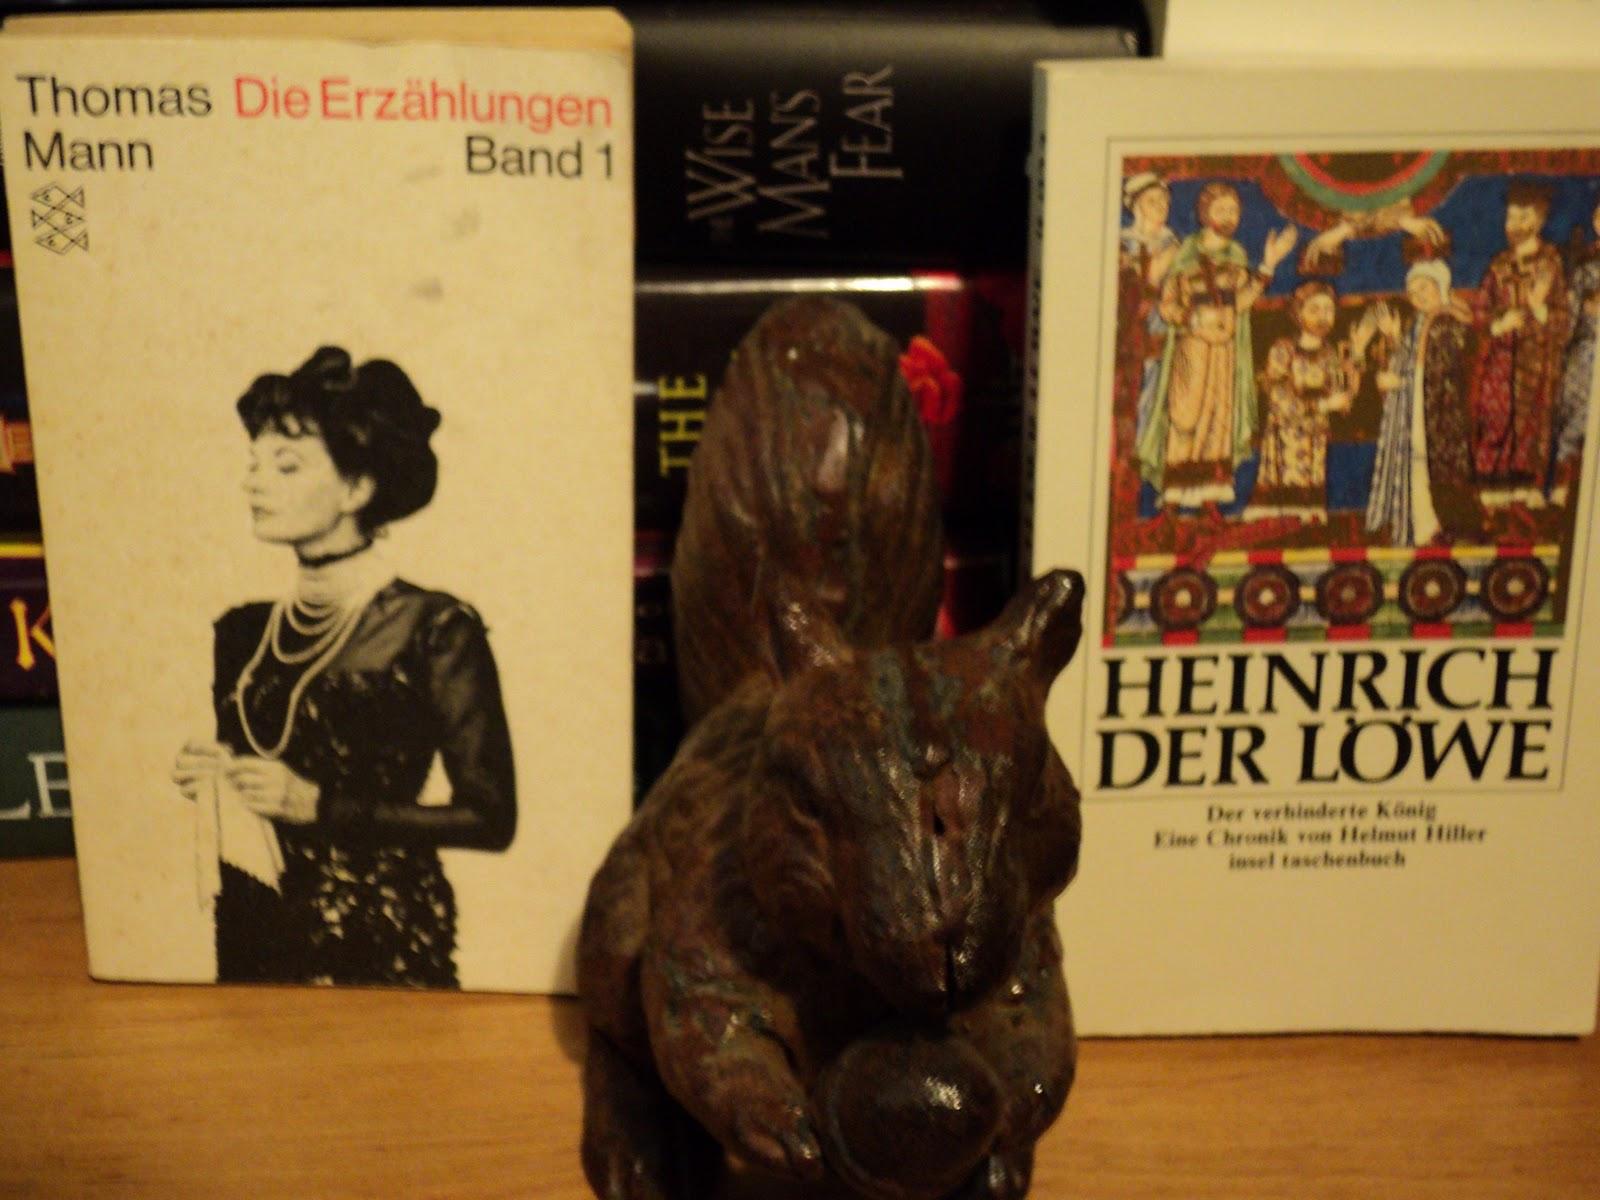 mariano azuelas novel los de abajo essay Free ebook: the underdogs by mariano azuela translated by e munguia, jr original title: los de abajo.